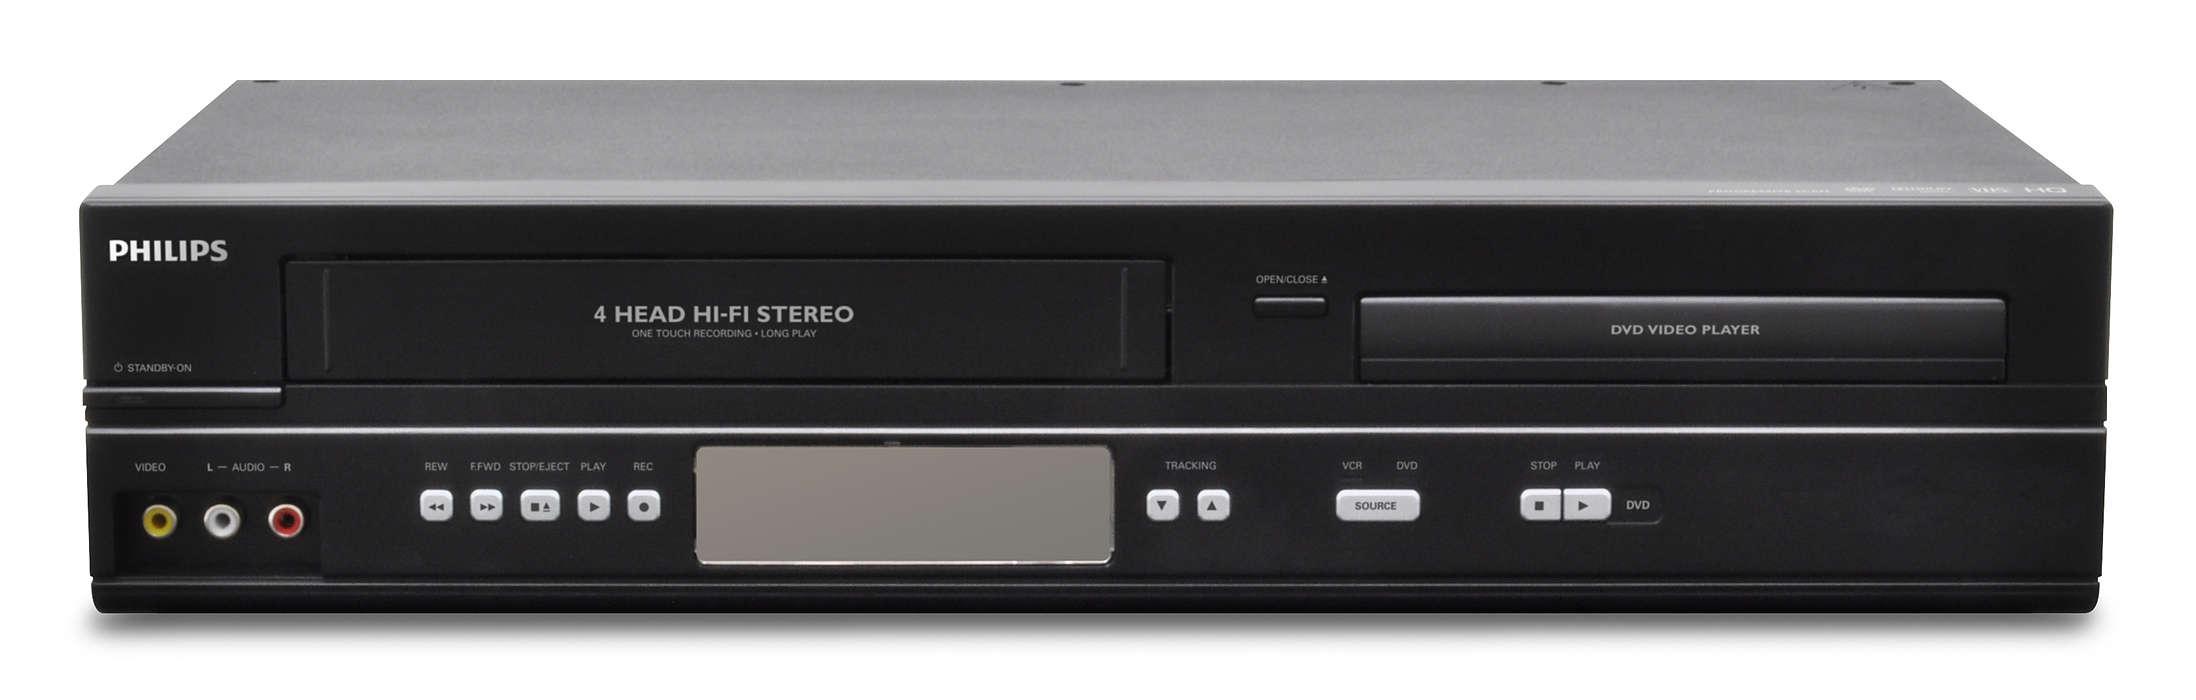 Combiné DVD et VHS